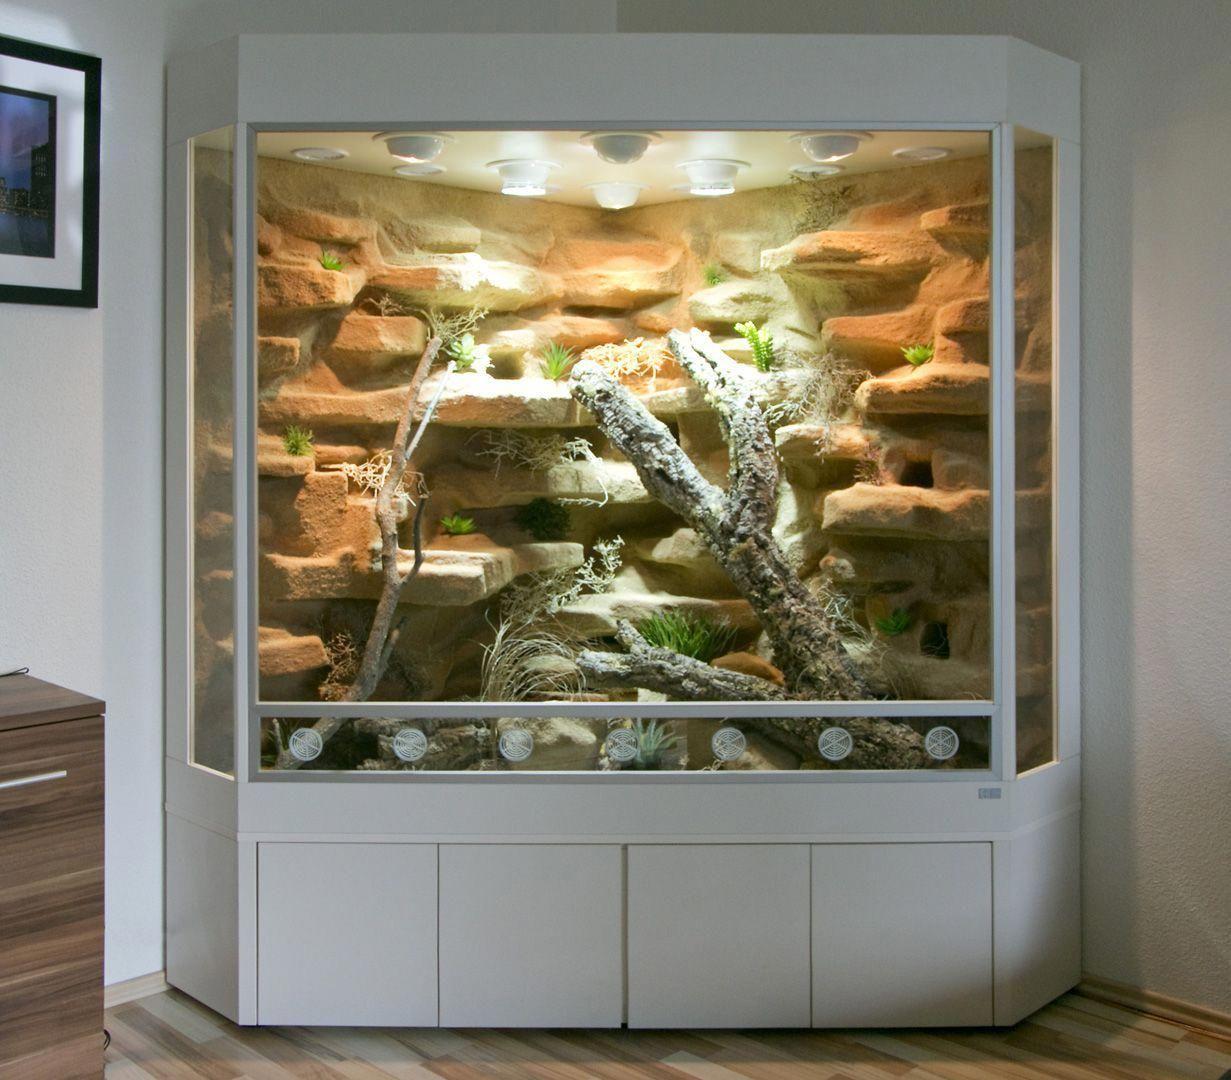 Modern Unique Reptile Terrarium Ideas Glassterrariumideas Howtomakeaterrarium Terr Bearded Dragon Terrarium Diy Bearded Dragon Terrarium Reptile Terrarium